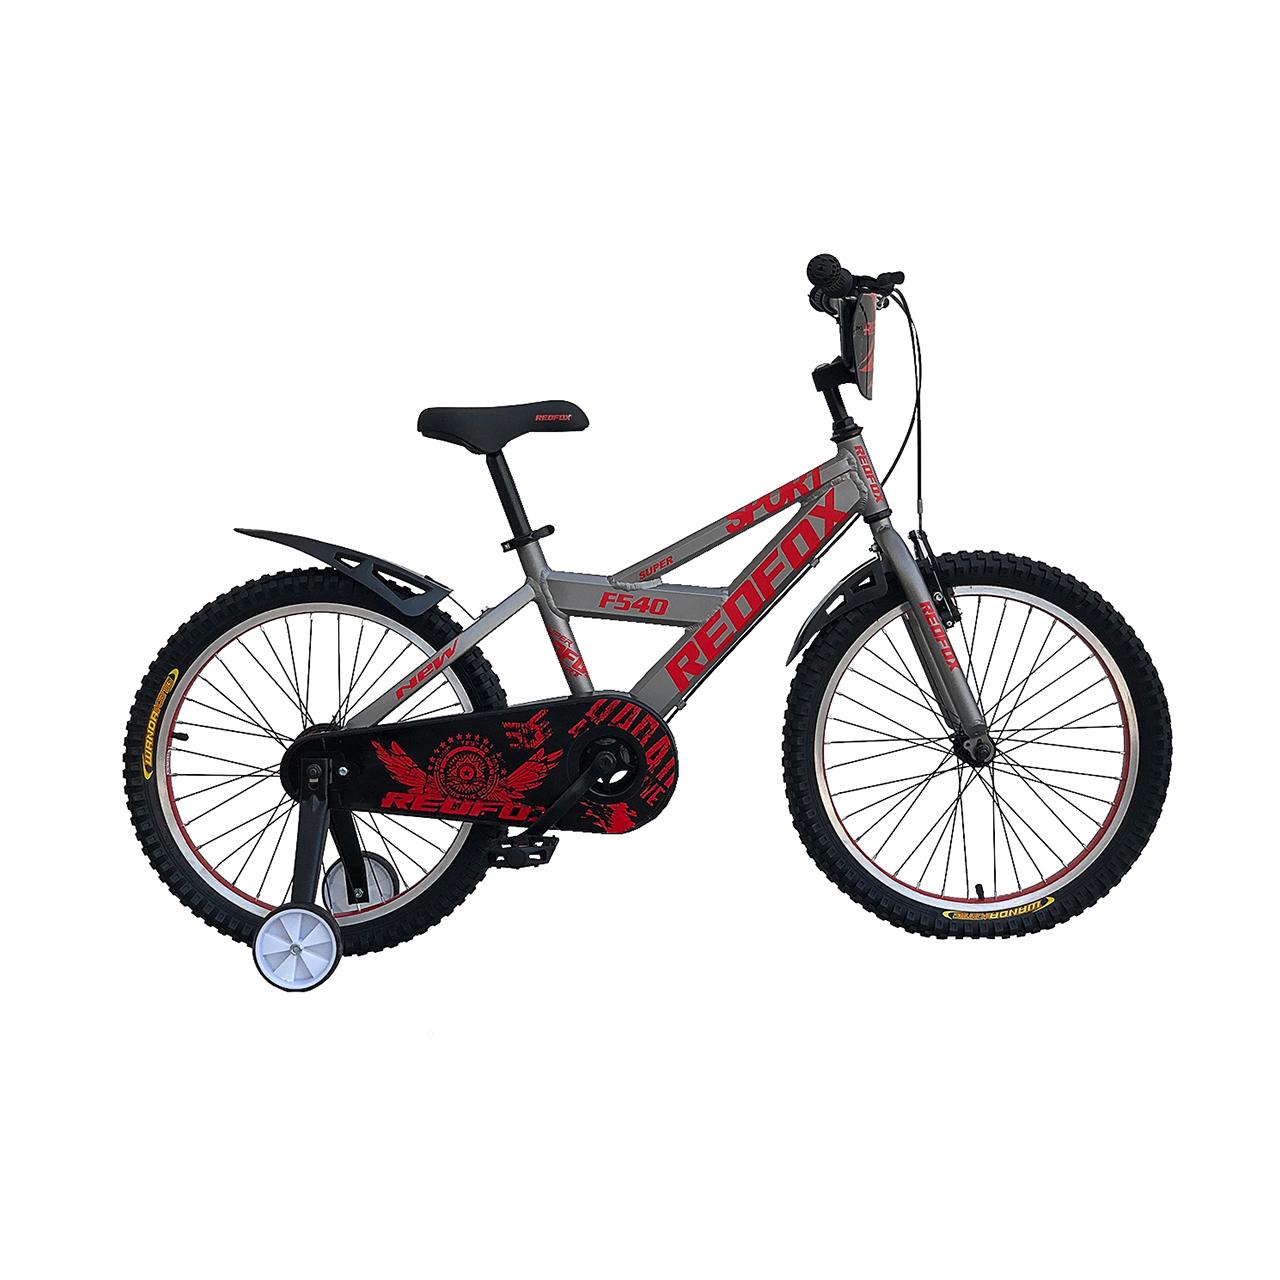 دوچرخه کوهستان ردفوکس مدل F540 کد 161 سایز 16